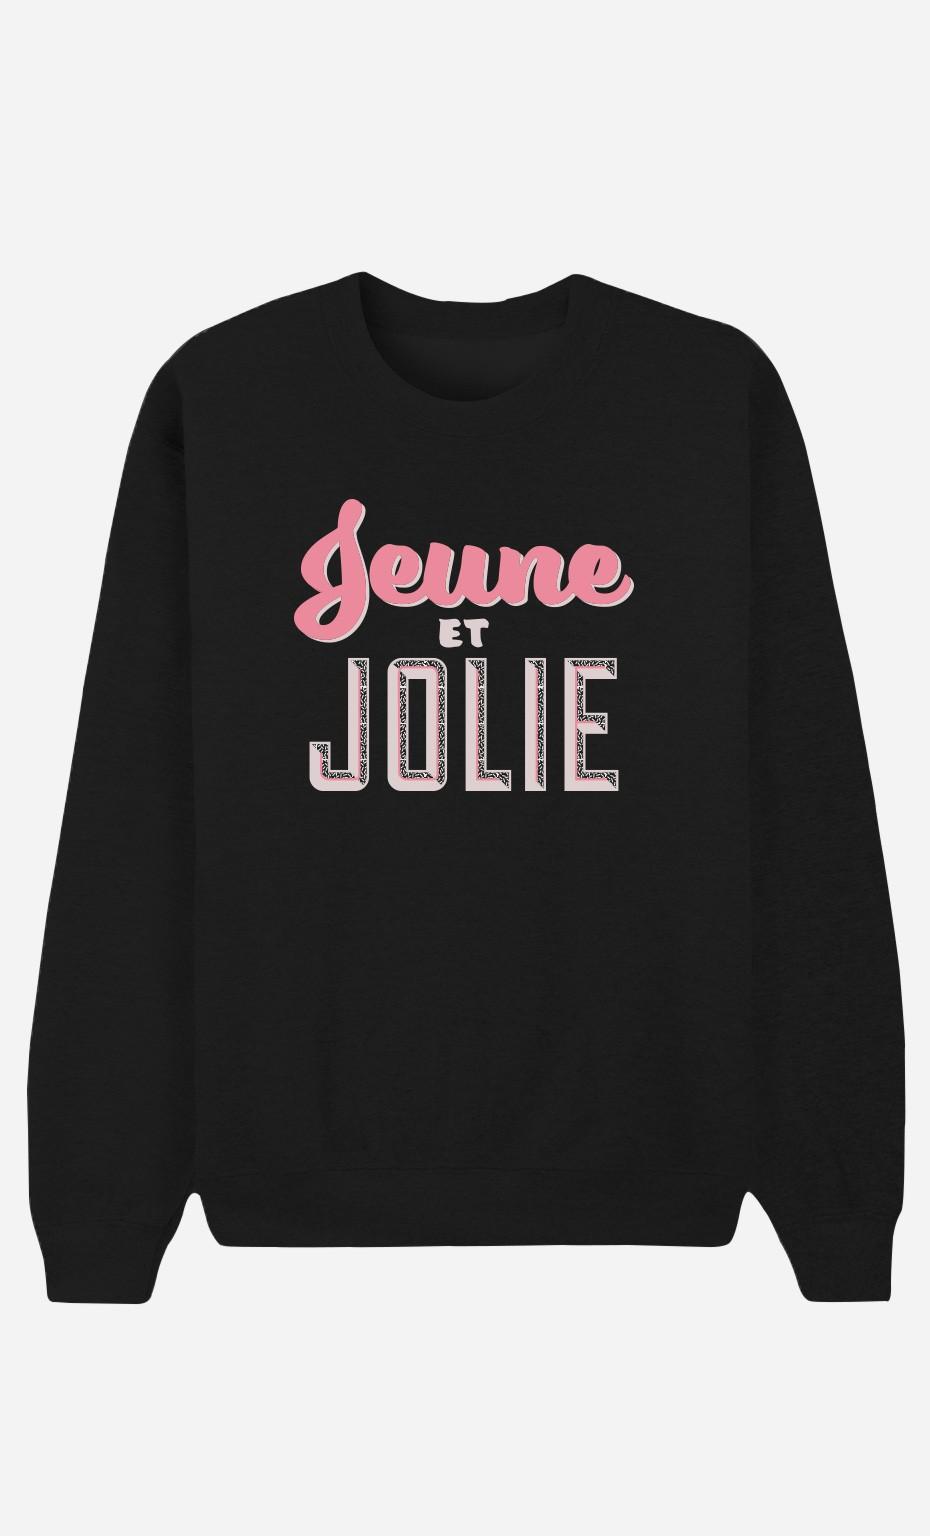 4eebe8986df5 Sweat Femme Jeune et Jolie